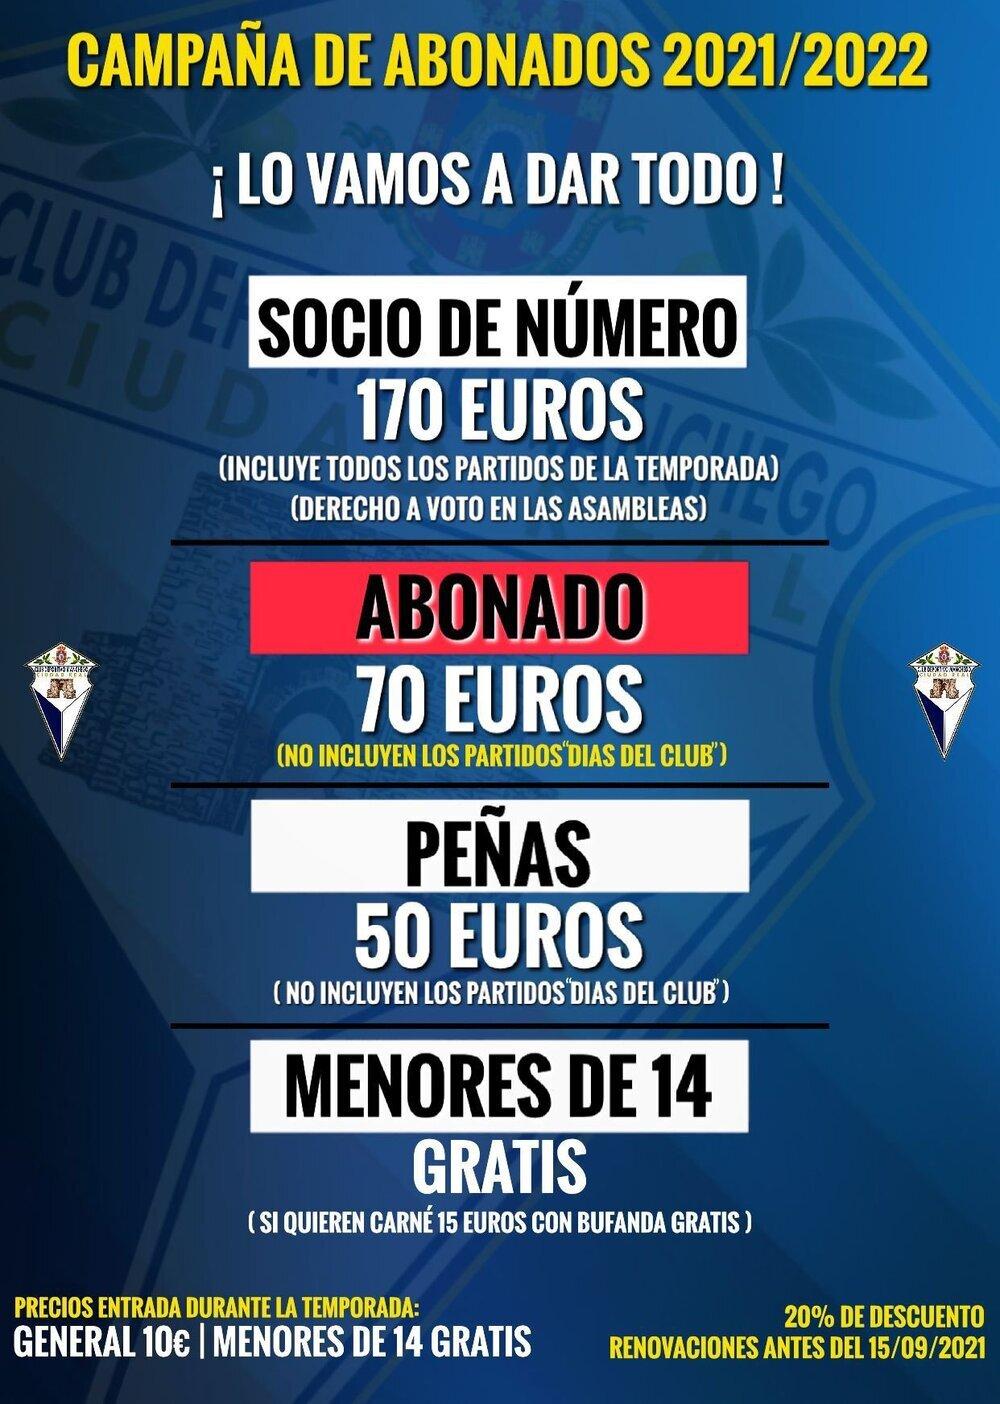 Cartel de la campaña de abonados del CD Manchego.